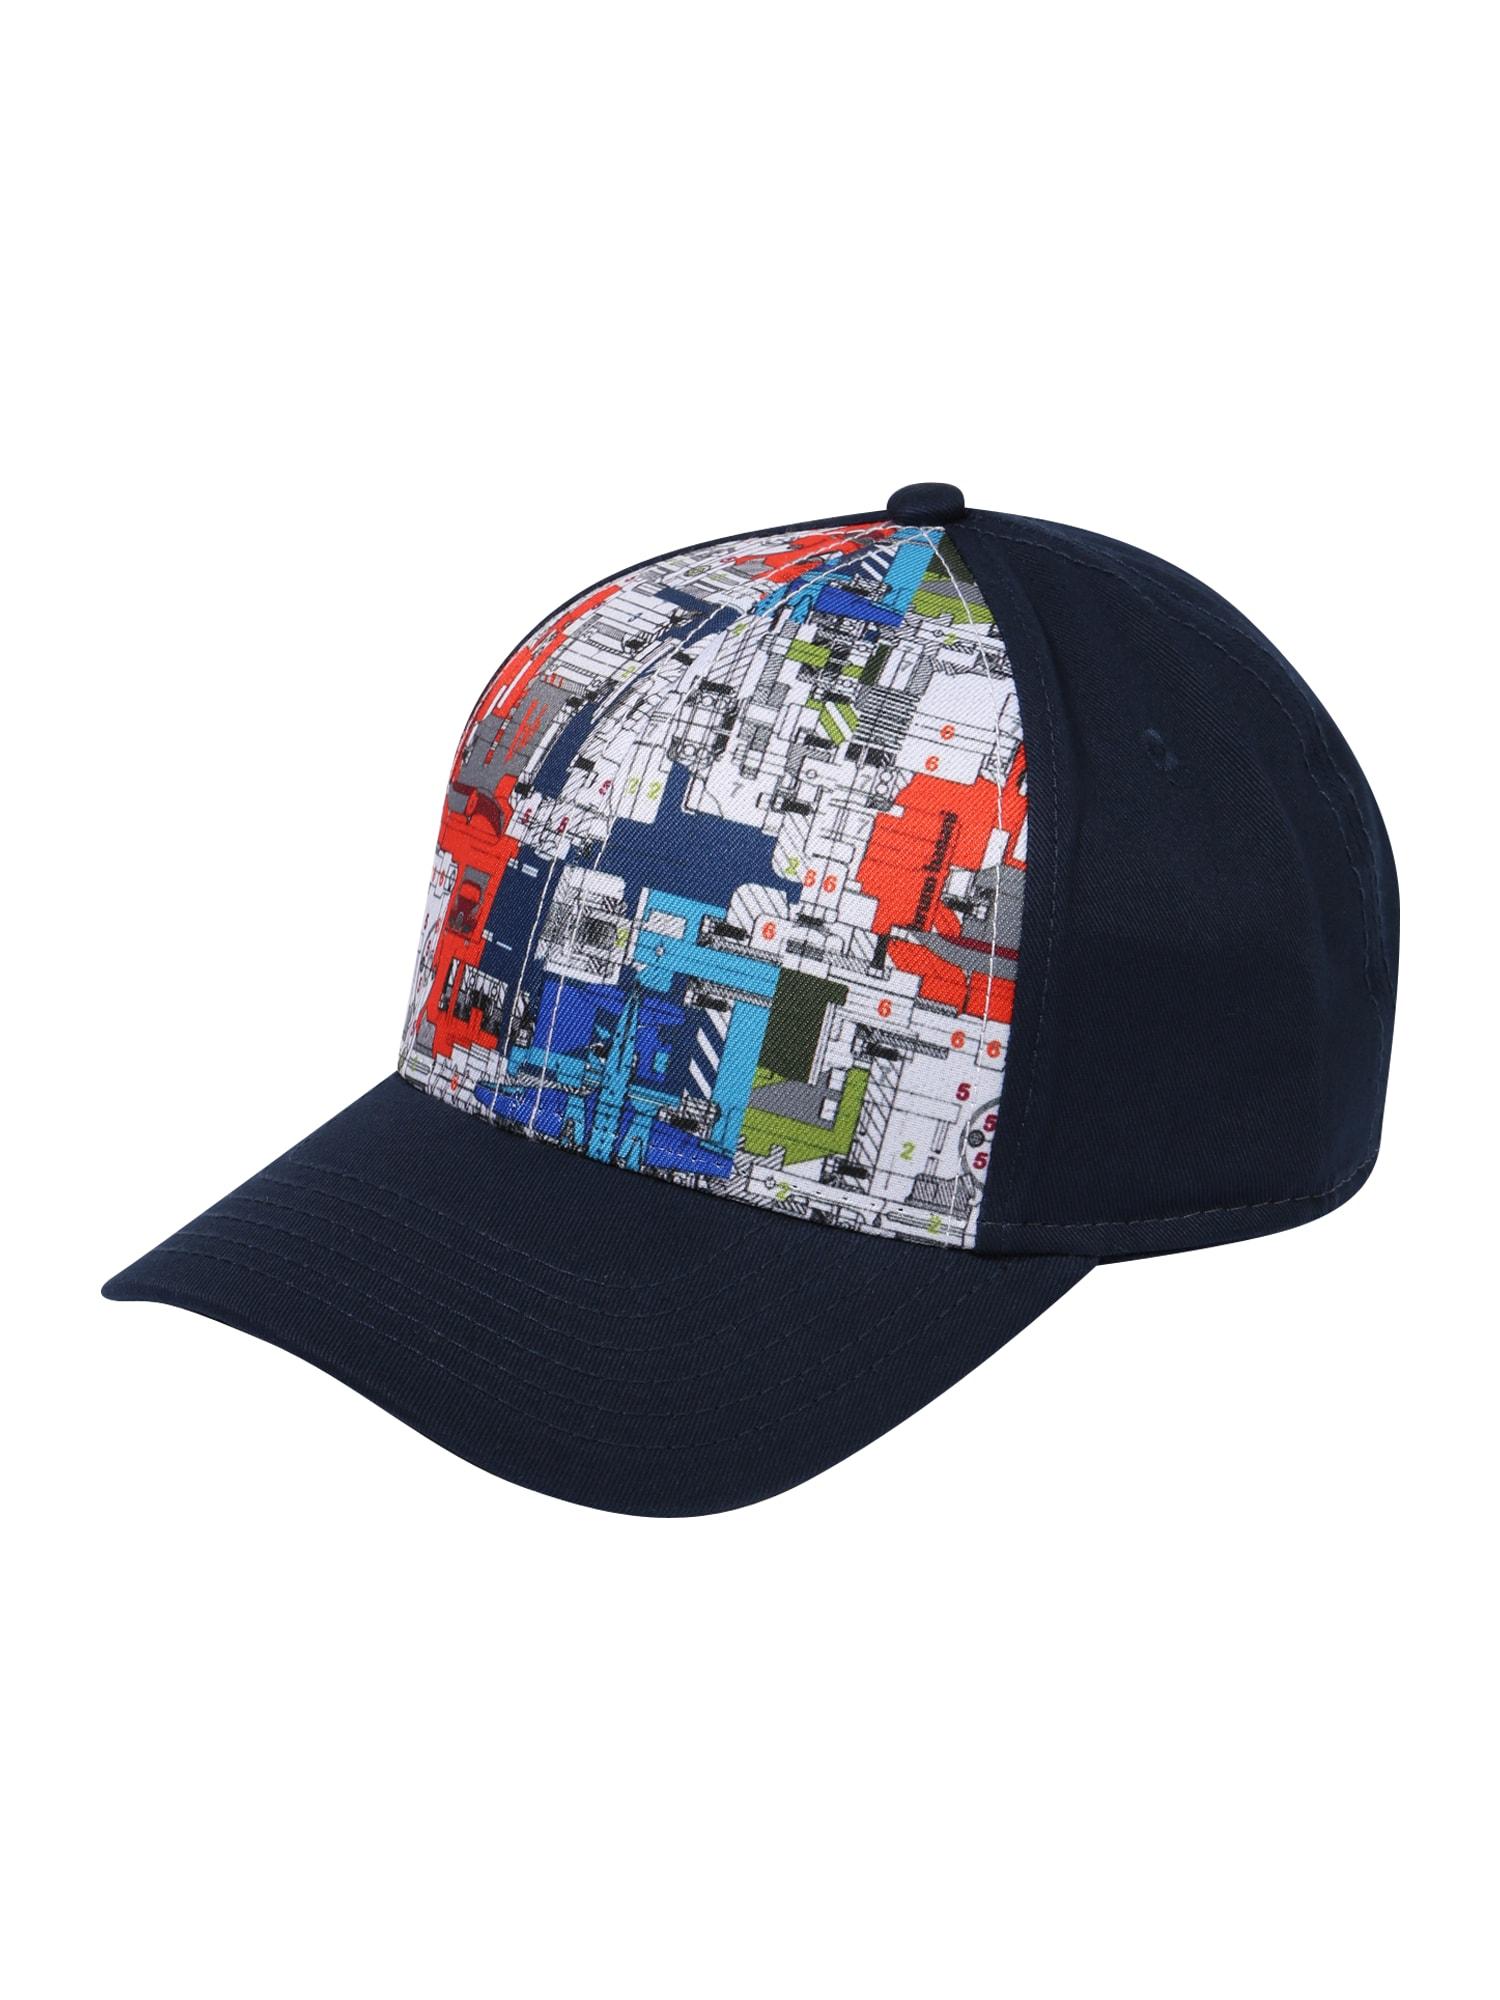 BRUNO BANANI Kepurė mišrios spalvos / tamsiai mėlyna